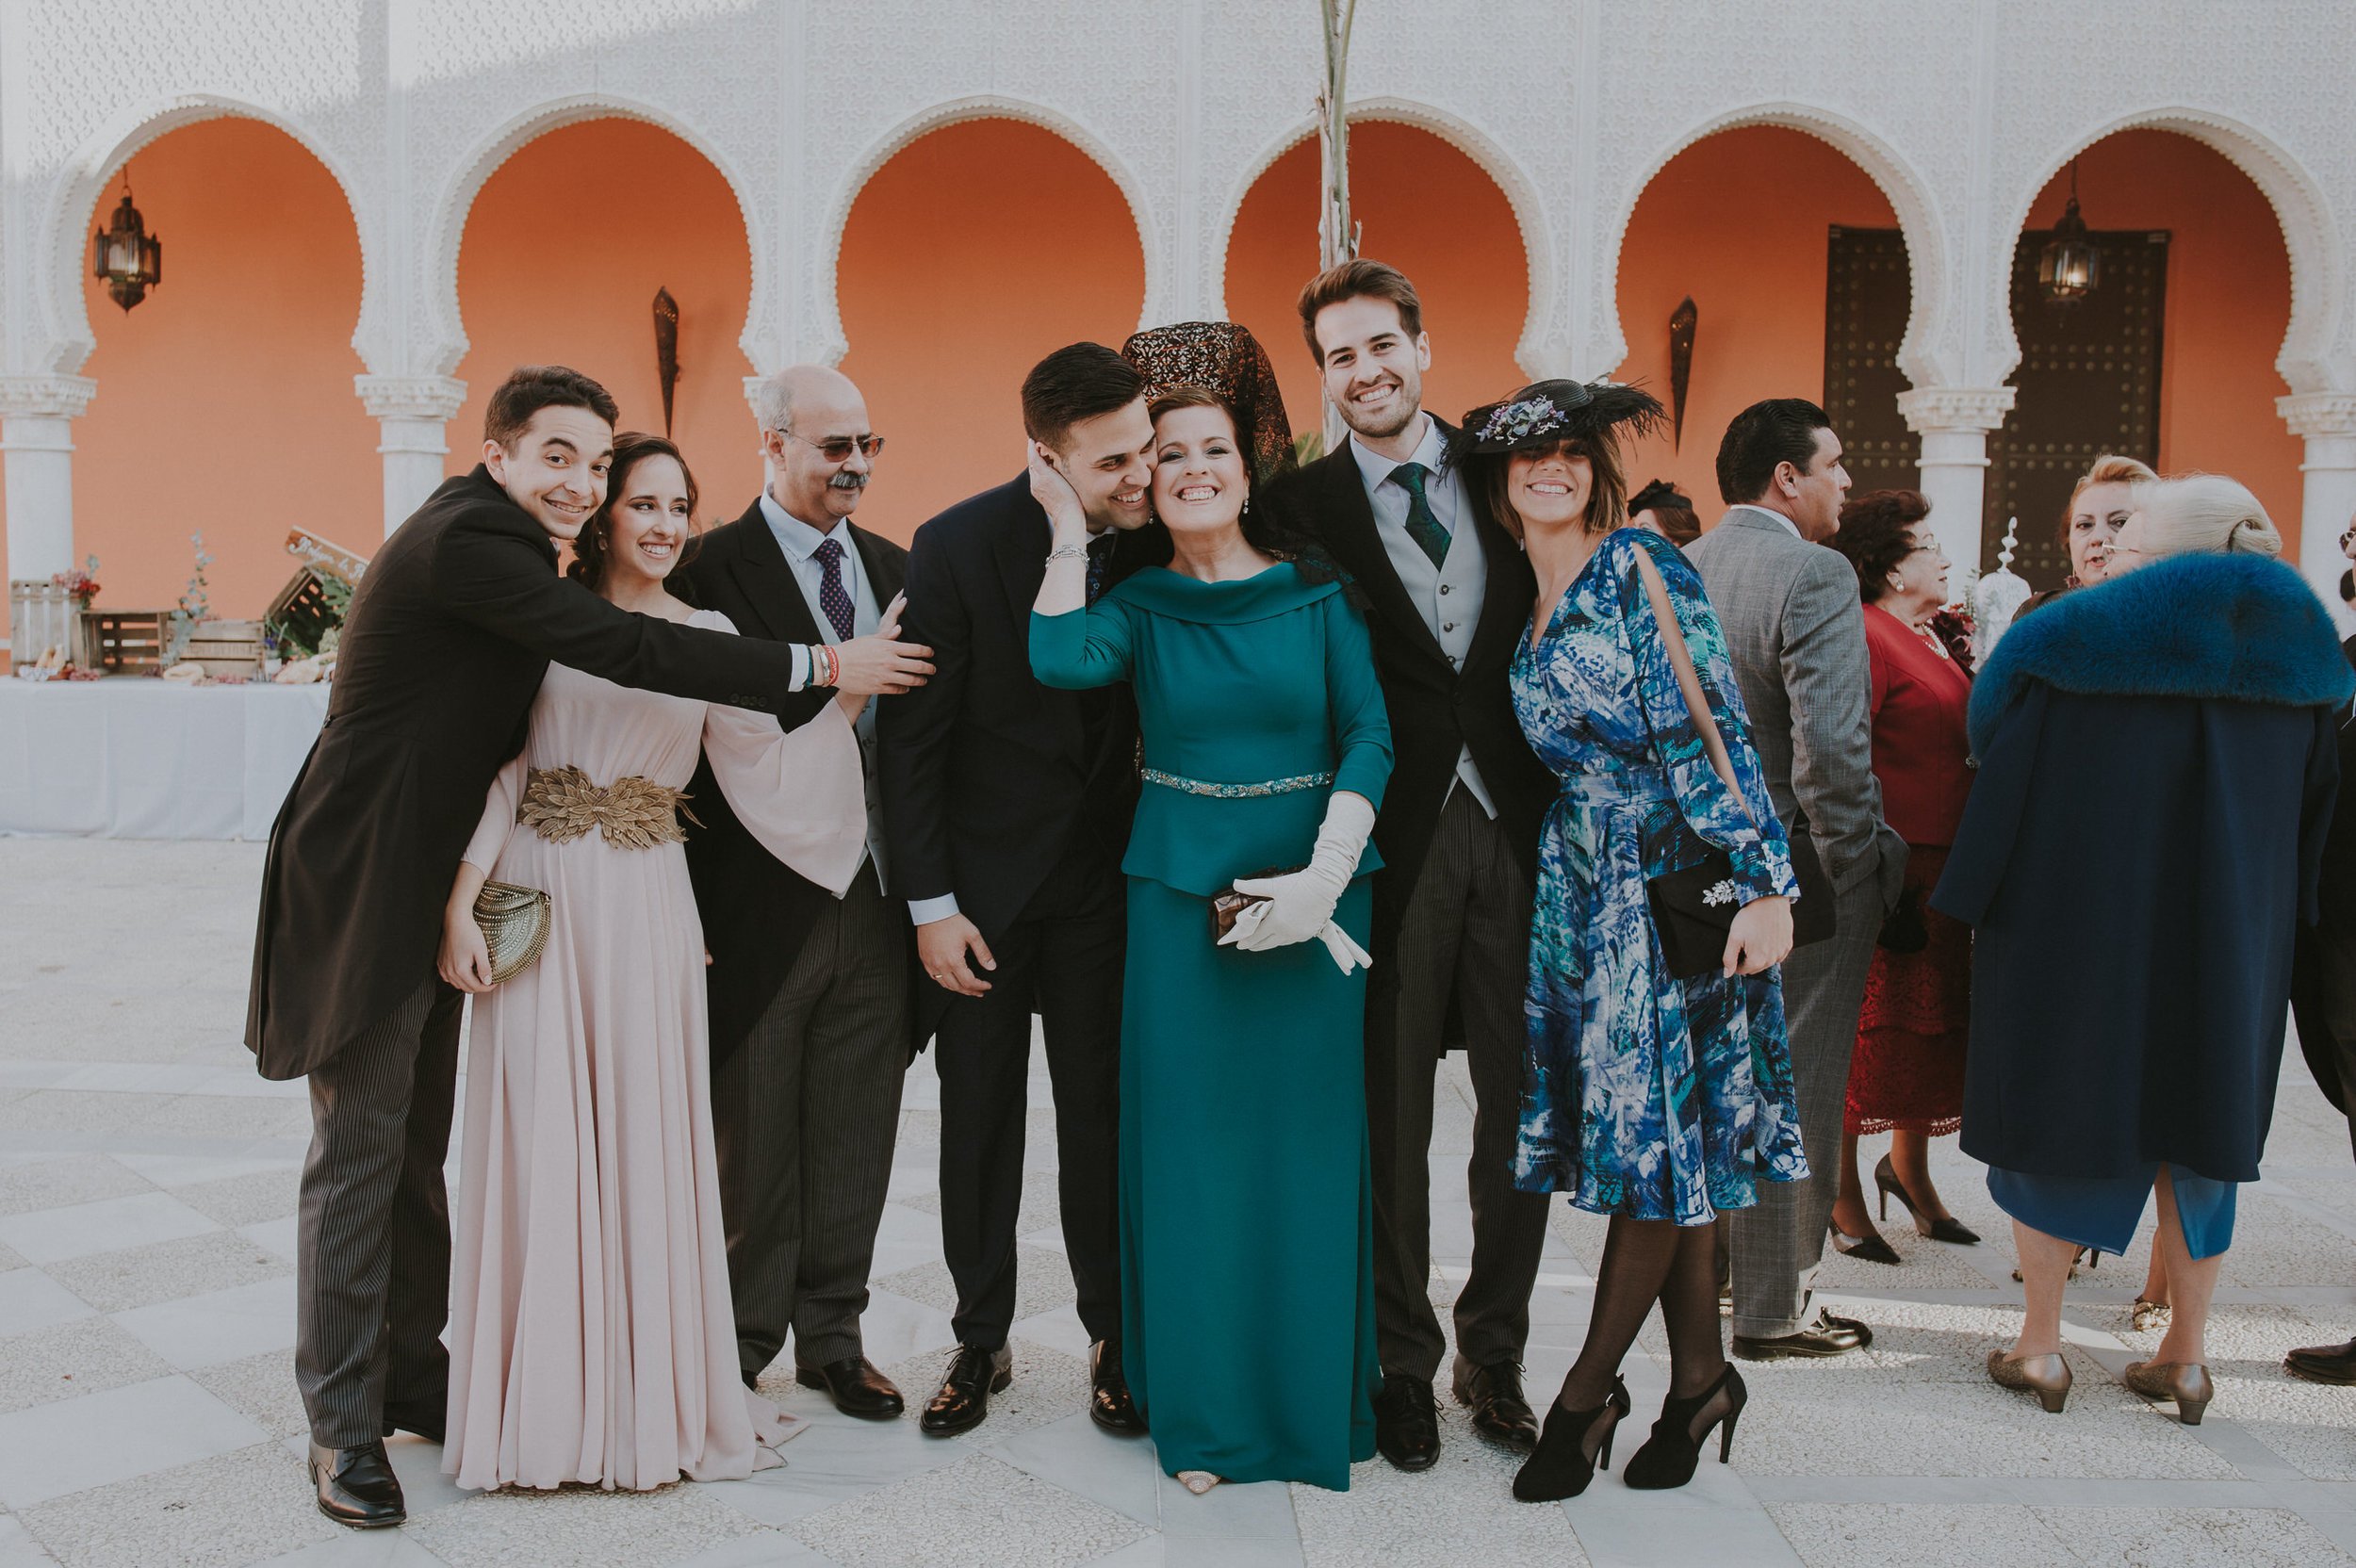 Andrés+Amarillo+fotografo+boda+Utrera+Dos+Hermanas+Santa+Maria+la+blanca+albaraca+Ivan+Campaña+los+tumbao (23).JPG